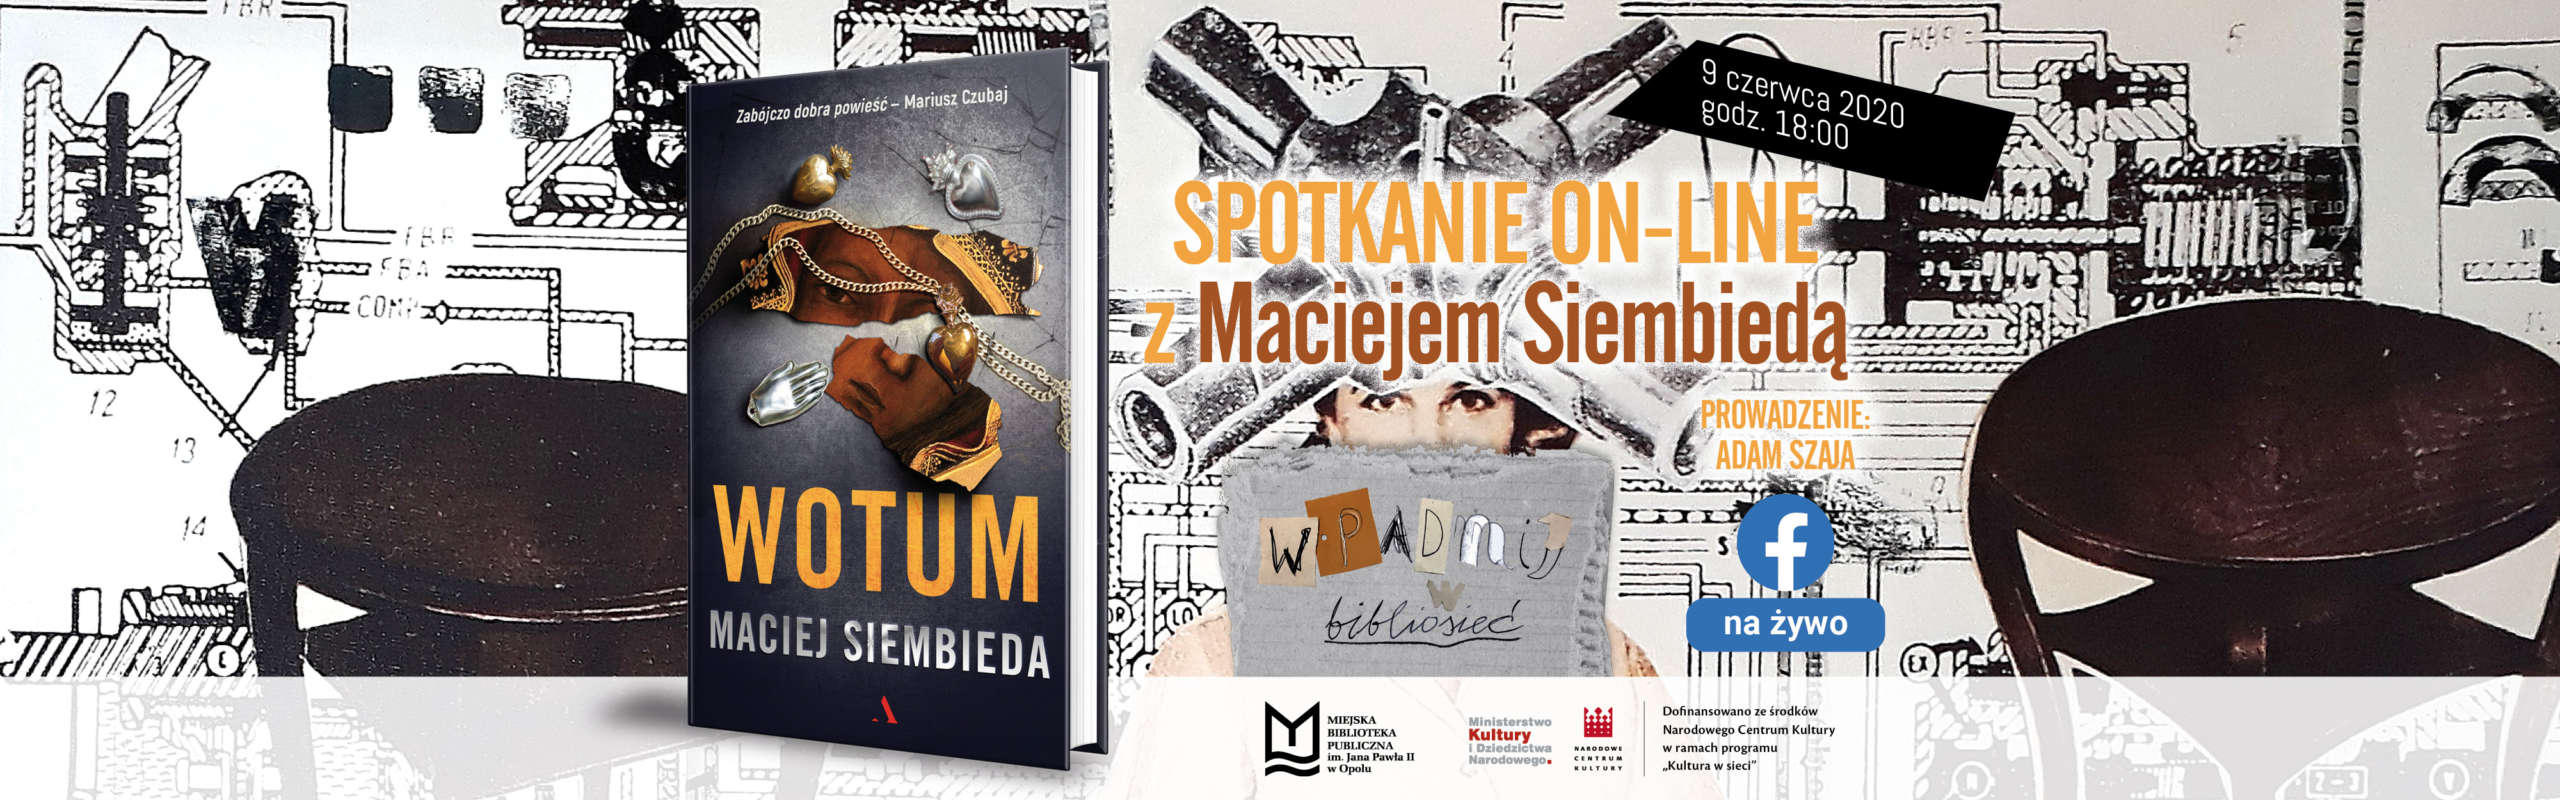 Spotkanie z Maciejem Siembiedą – zobacz transmisję!